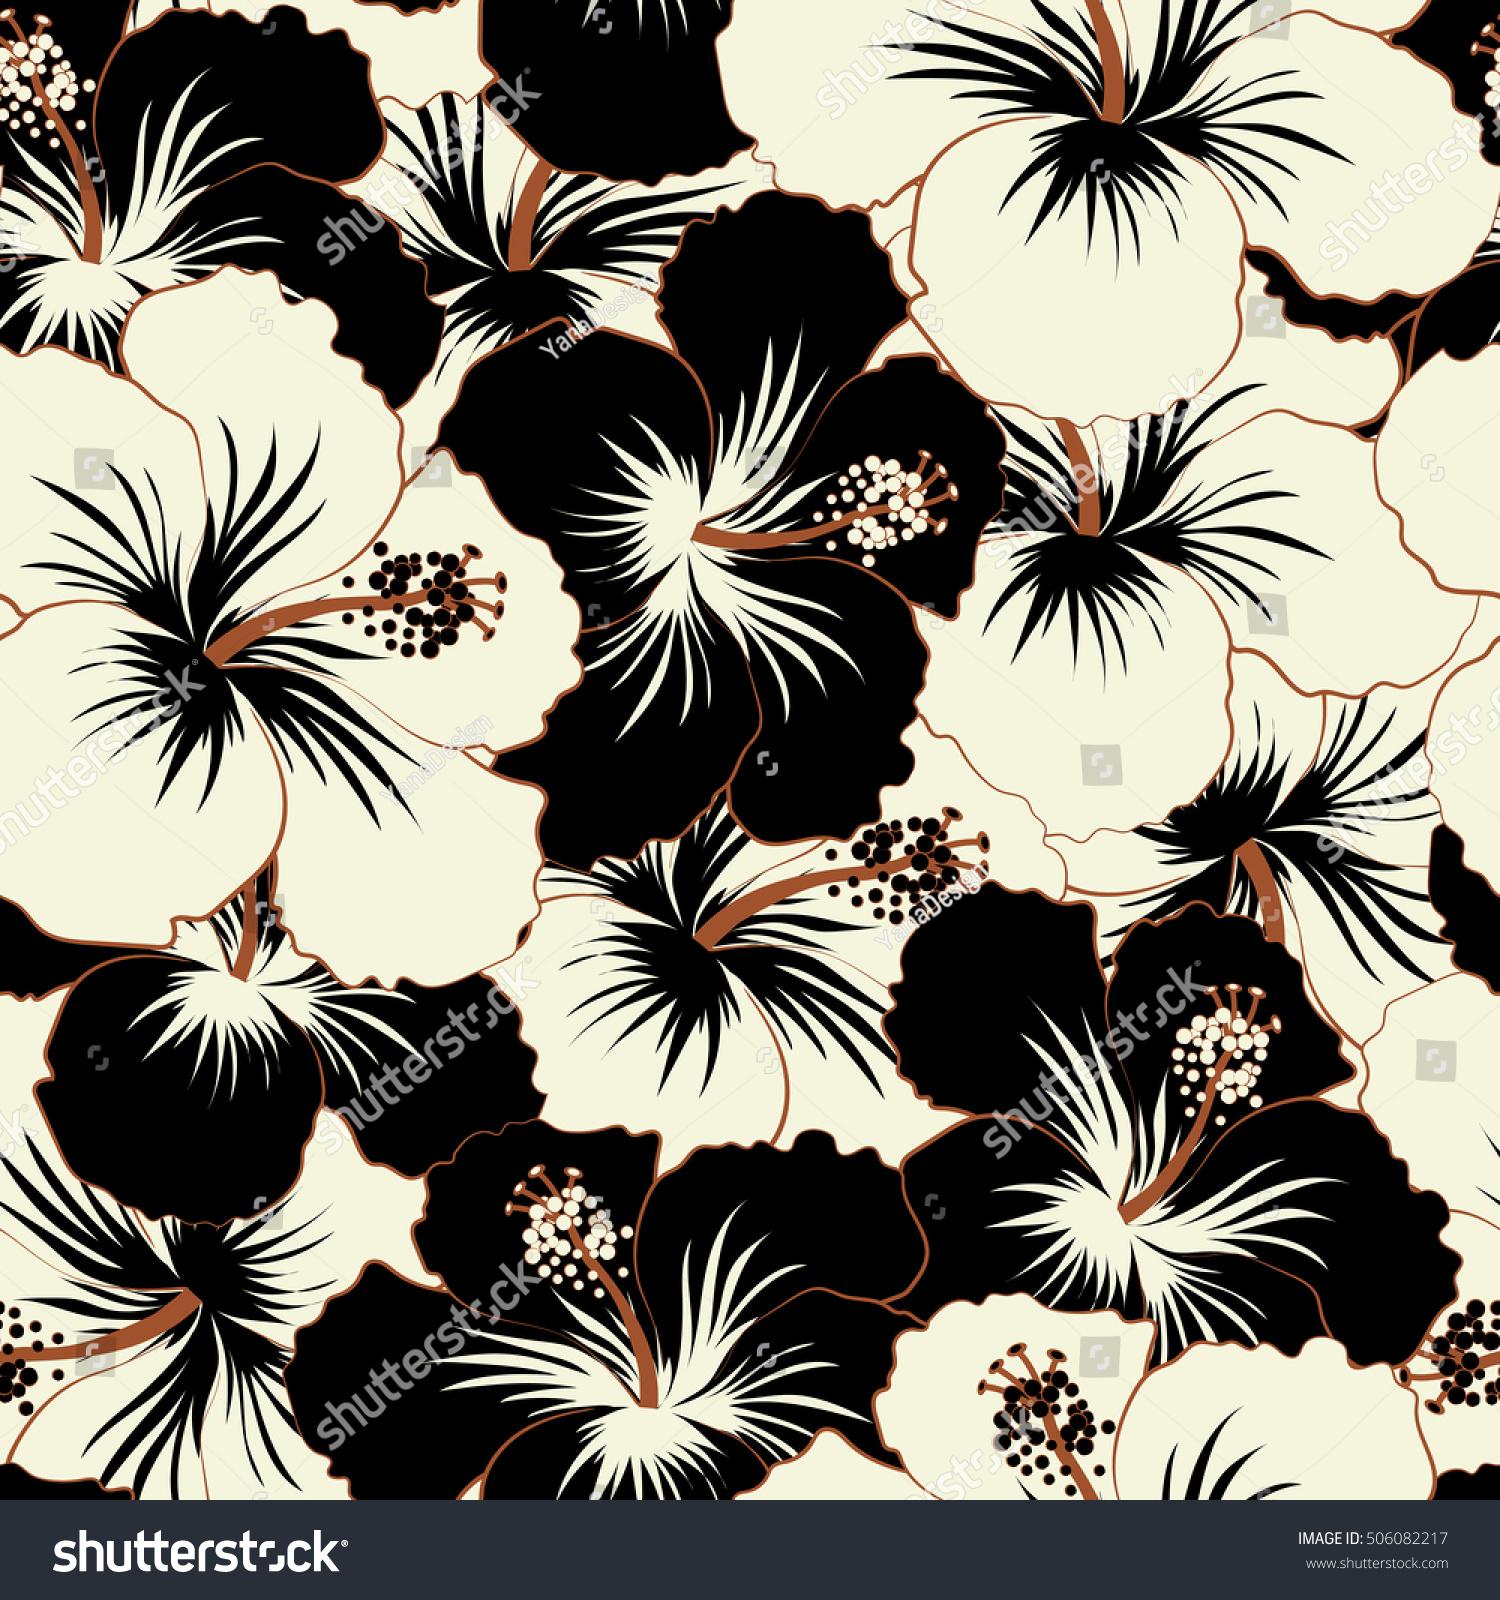 Cute pattern black white hibiscus flowers stock illustration cute pattern in black and white hibiscus flowers small colorful flowers motley spring izmirmasajfo